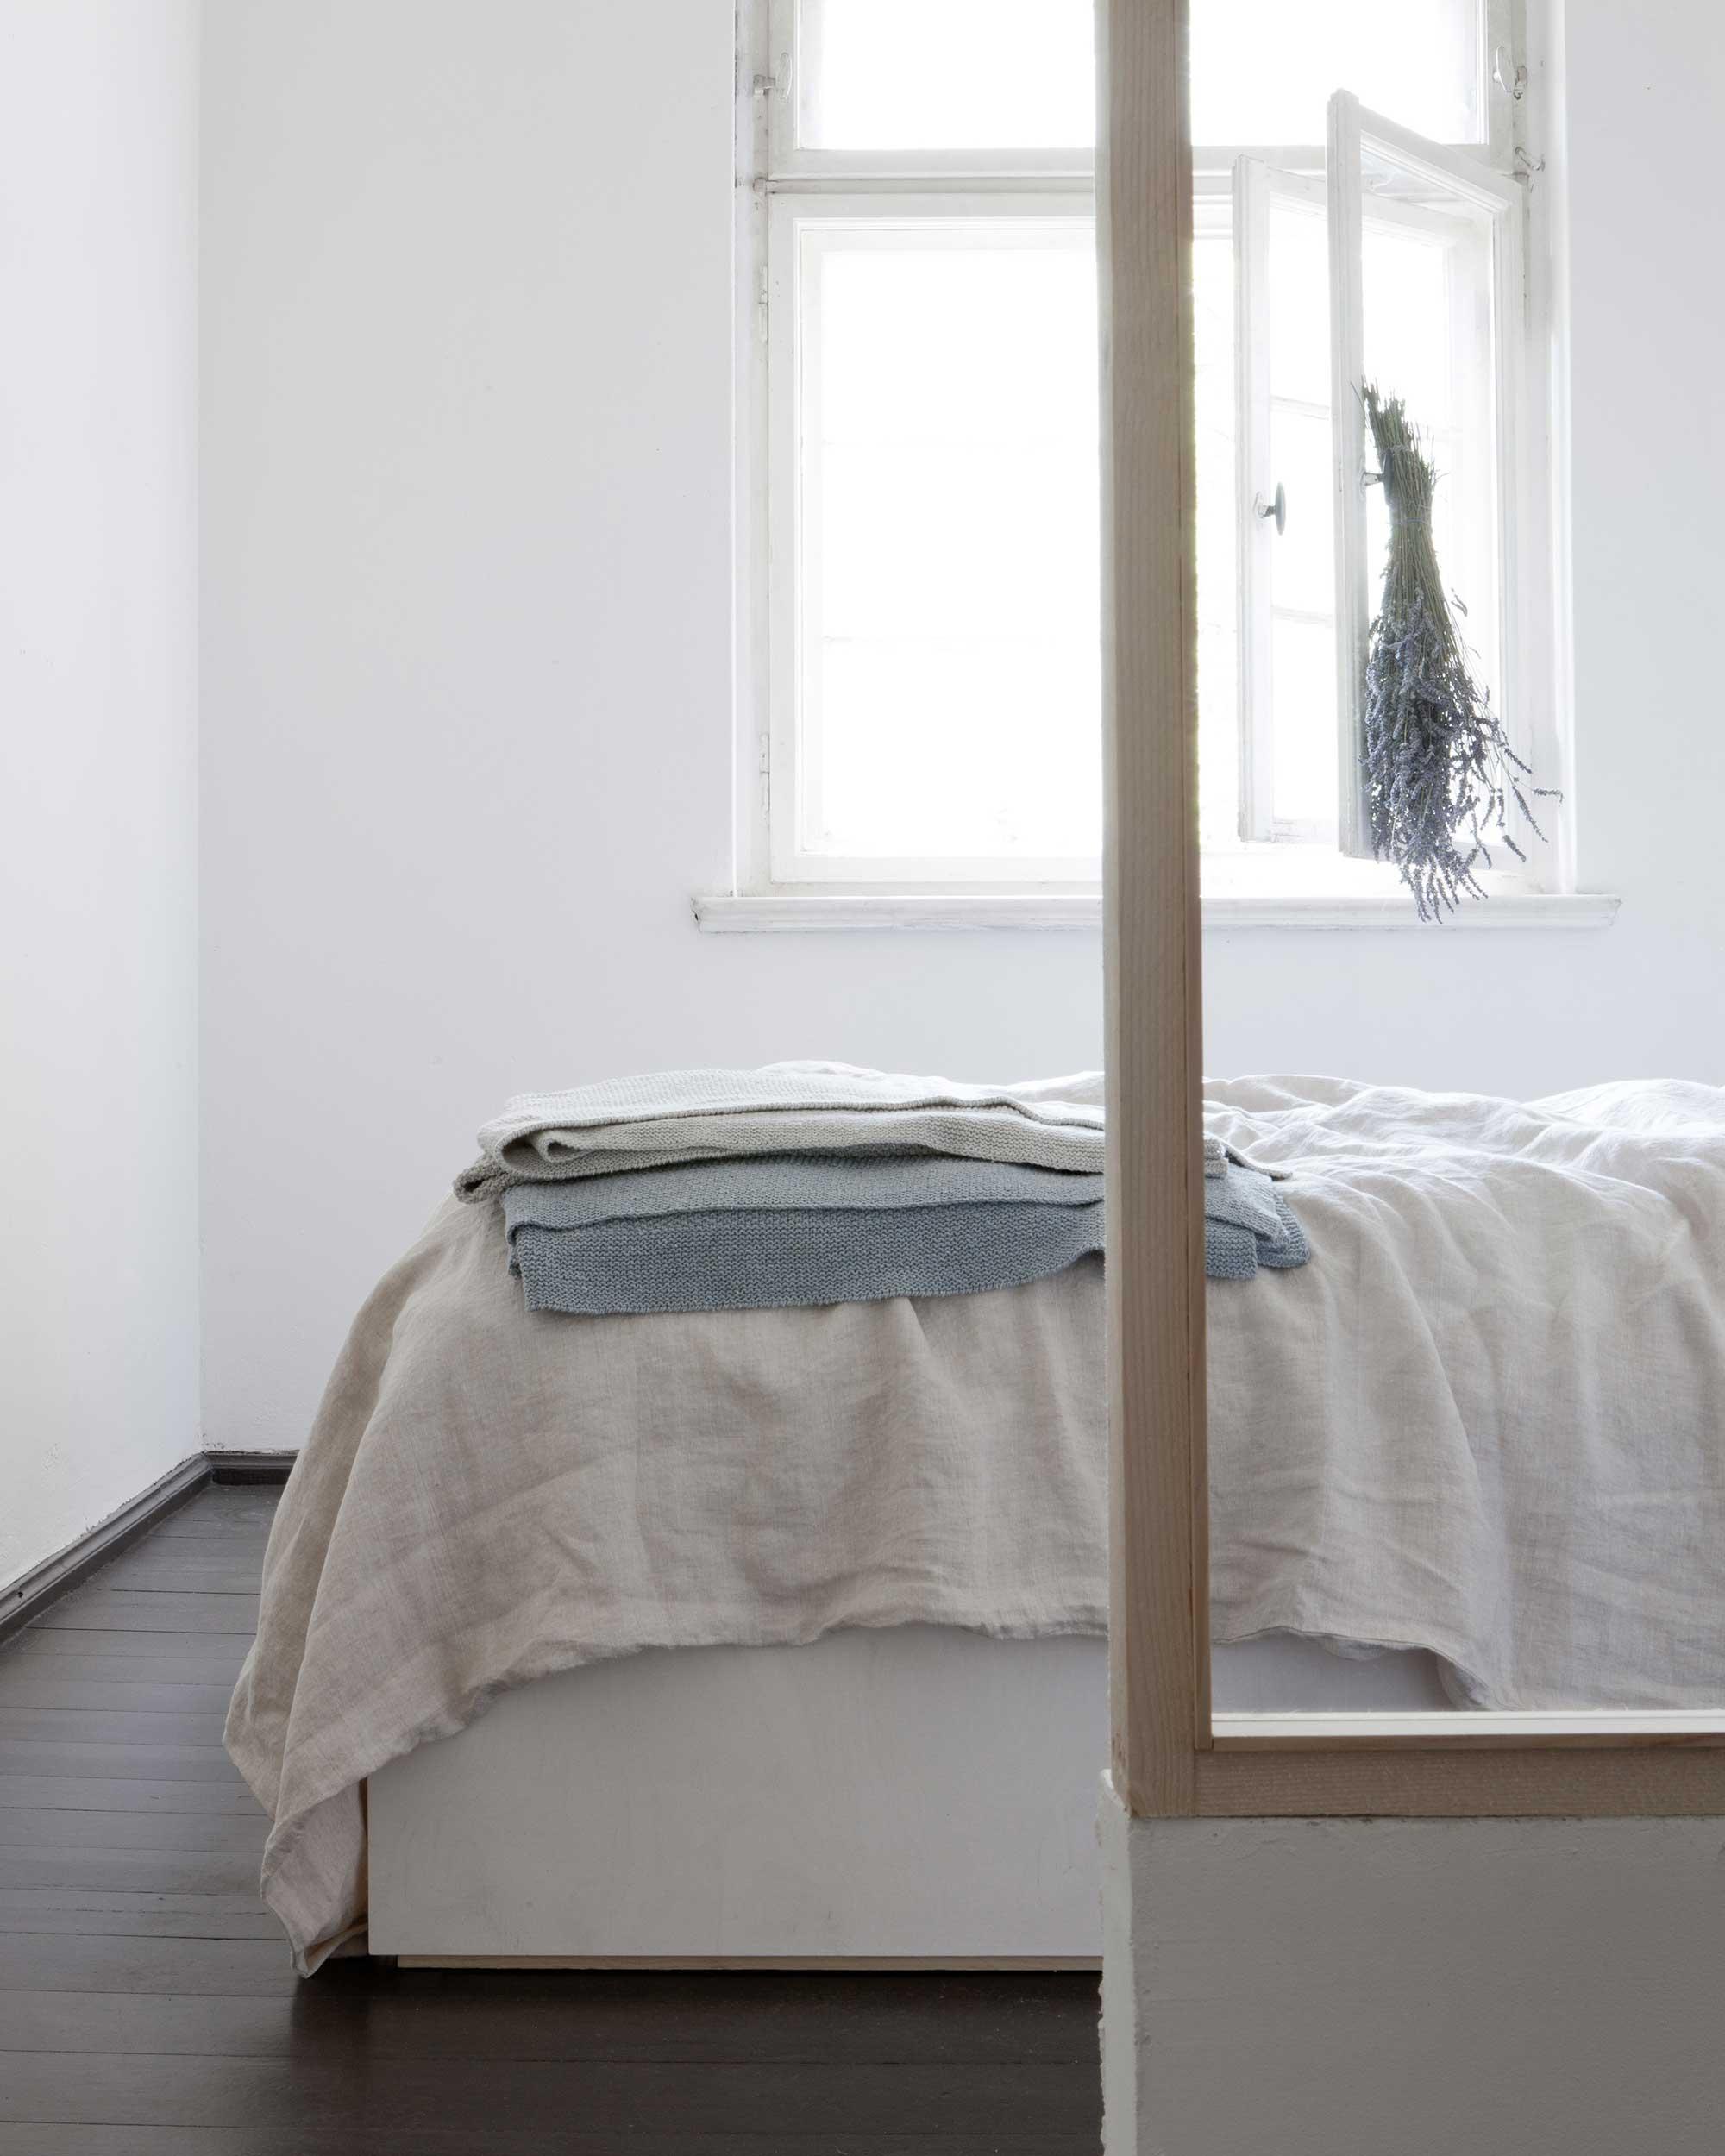 linnen gordijnen en dekbedovertrek van By Mölle | fotografie studio Oink | www.lauraenjames.com